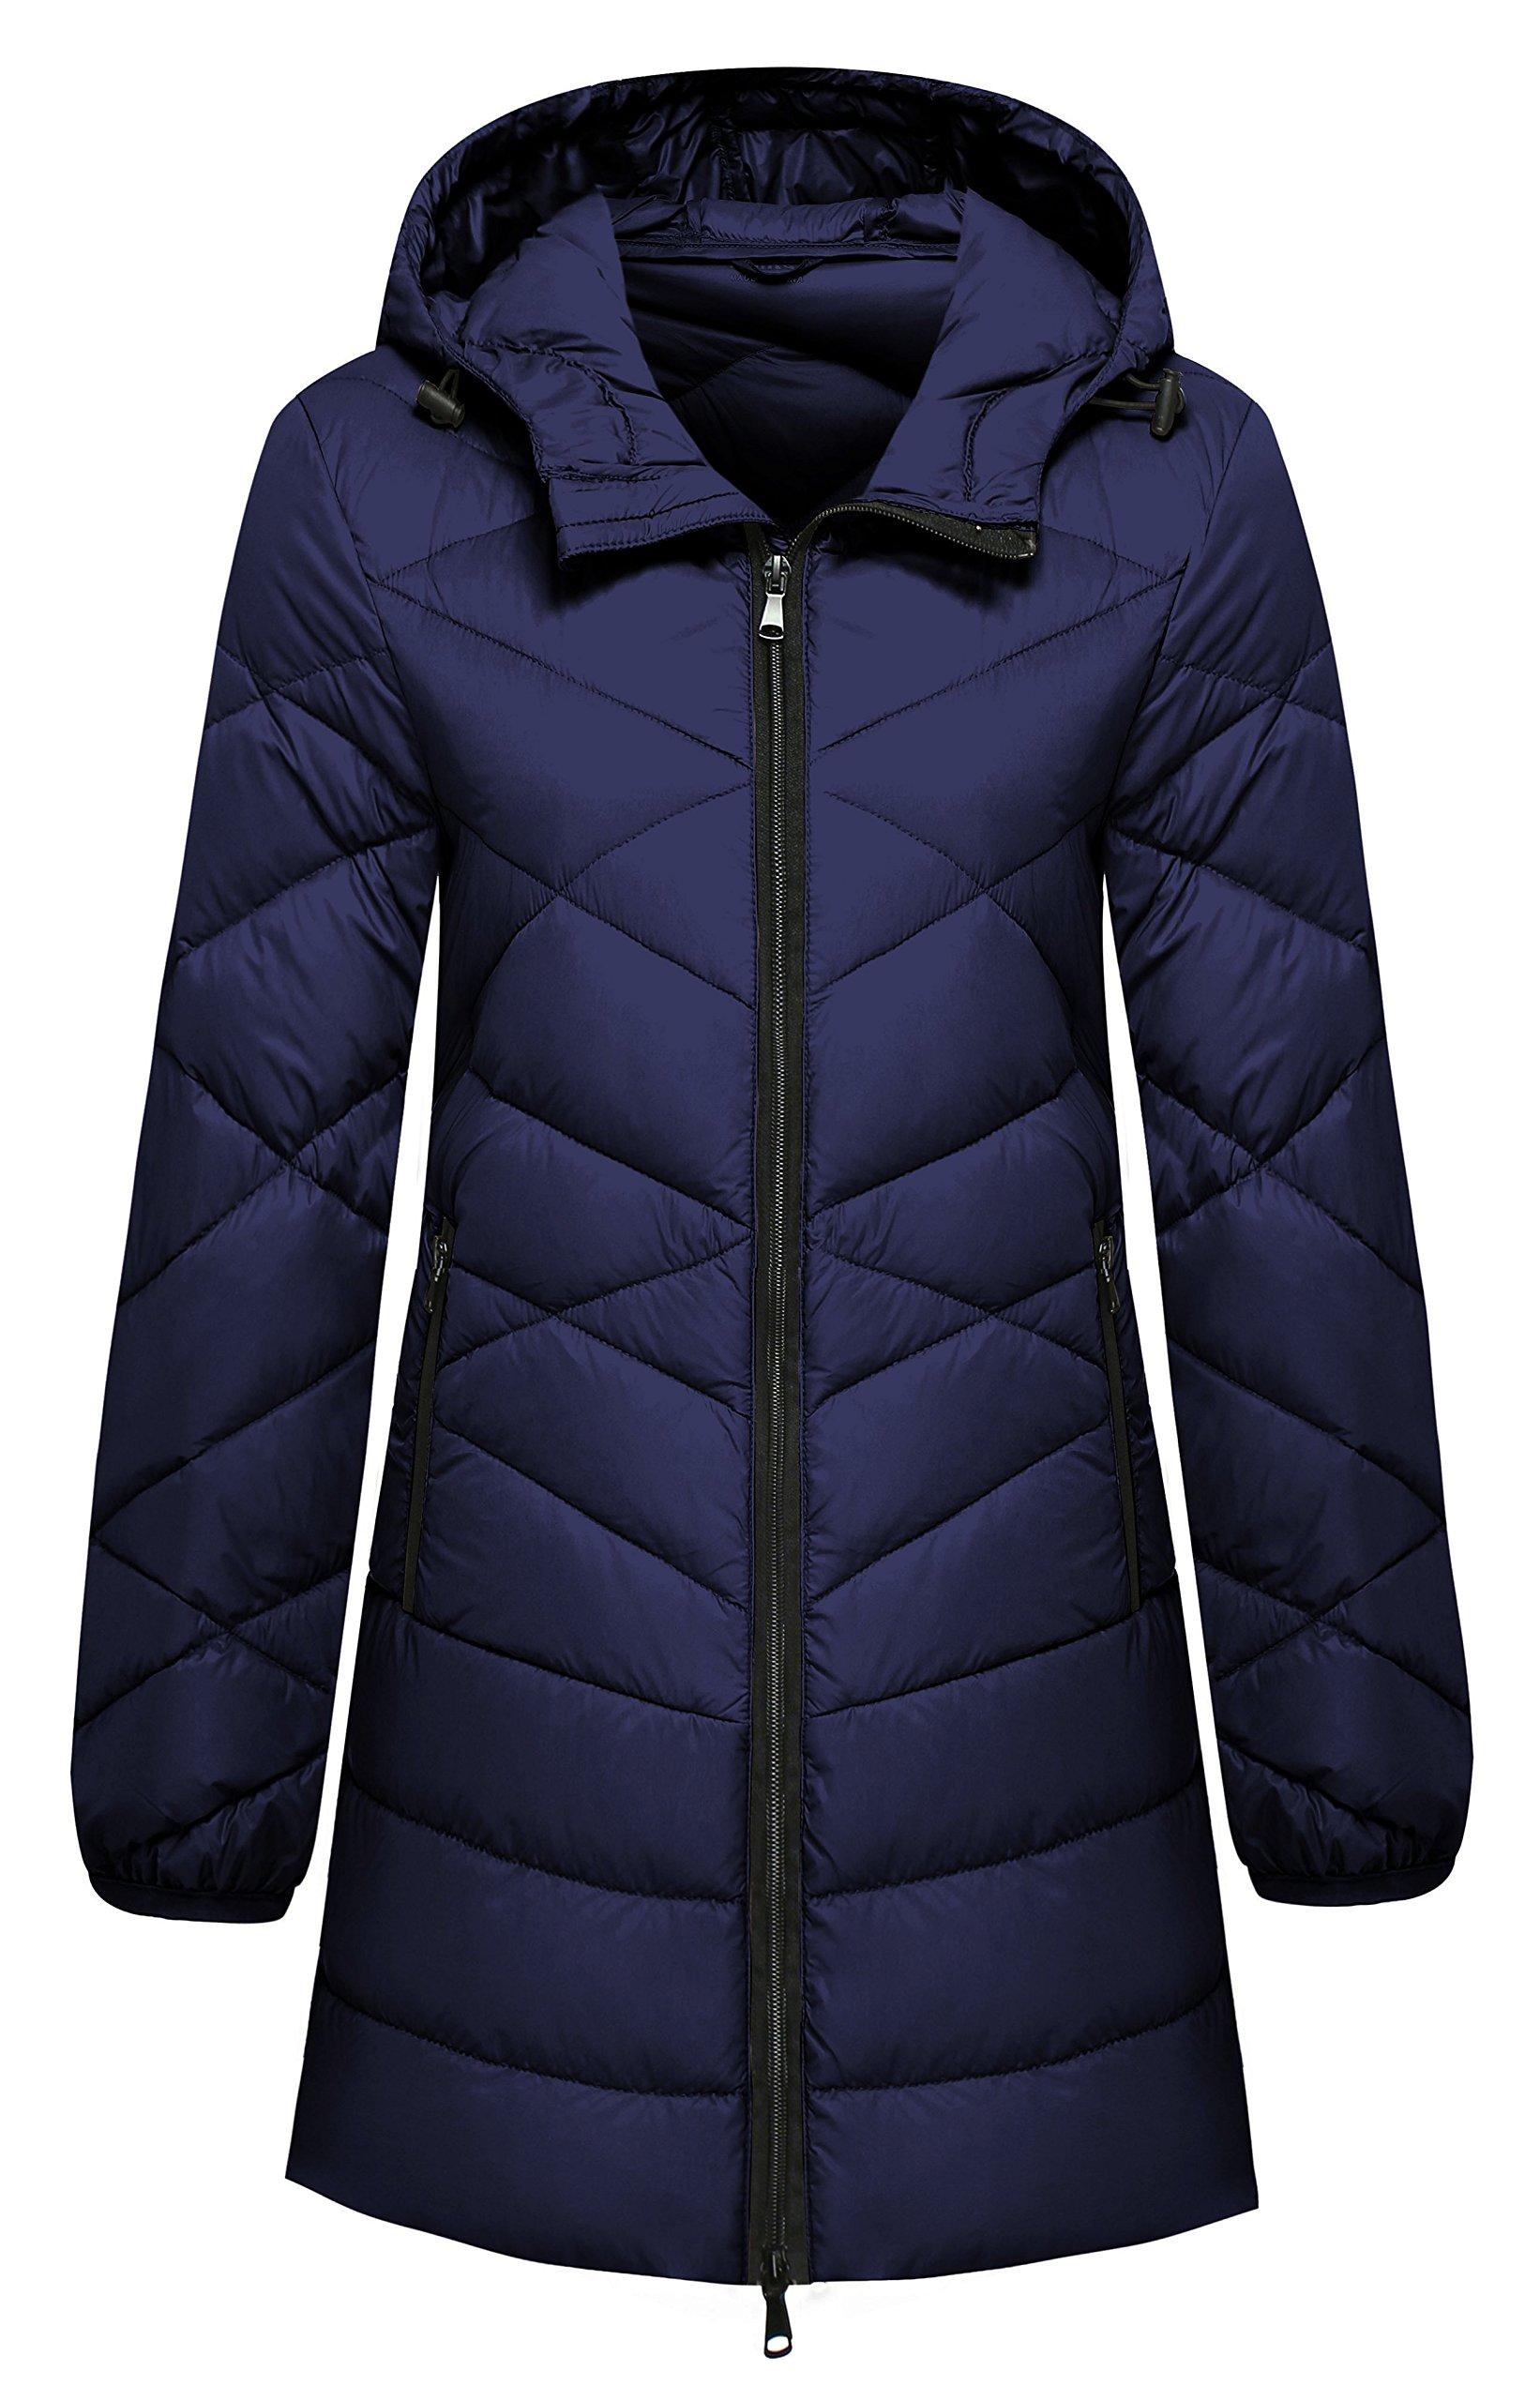 Wantdo Women's Packable Down Jacket Lightweight Puffer Coat, Navy, Medium